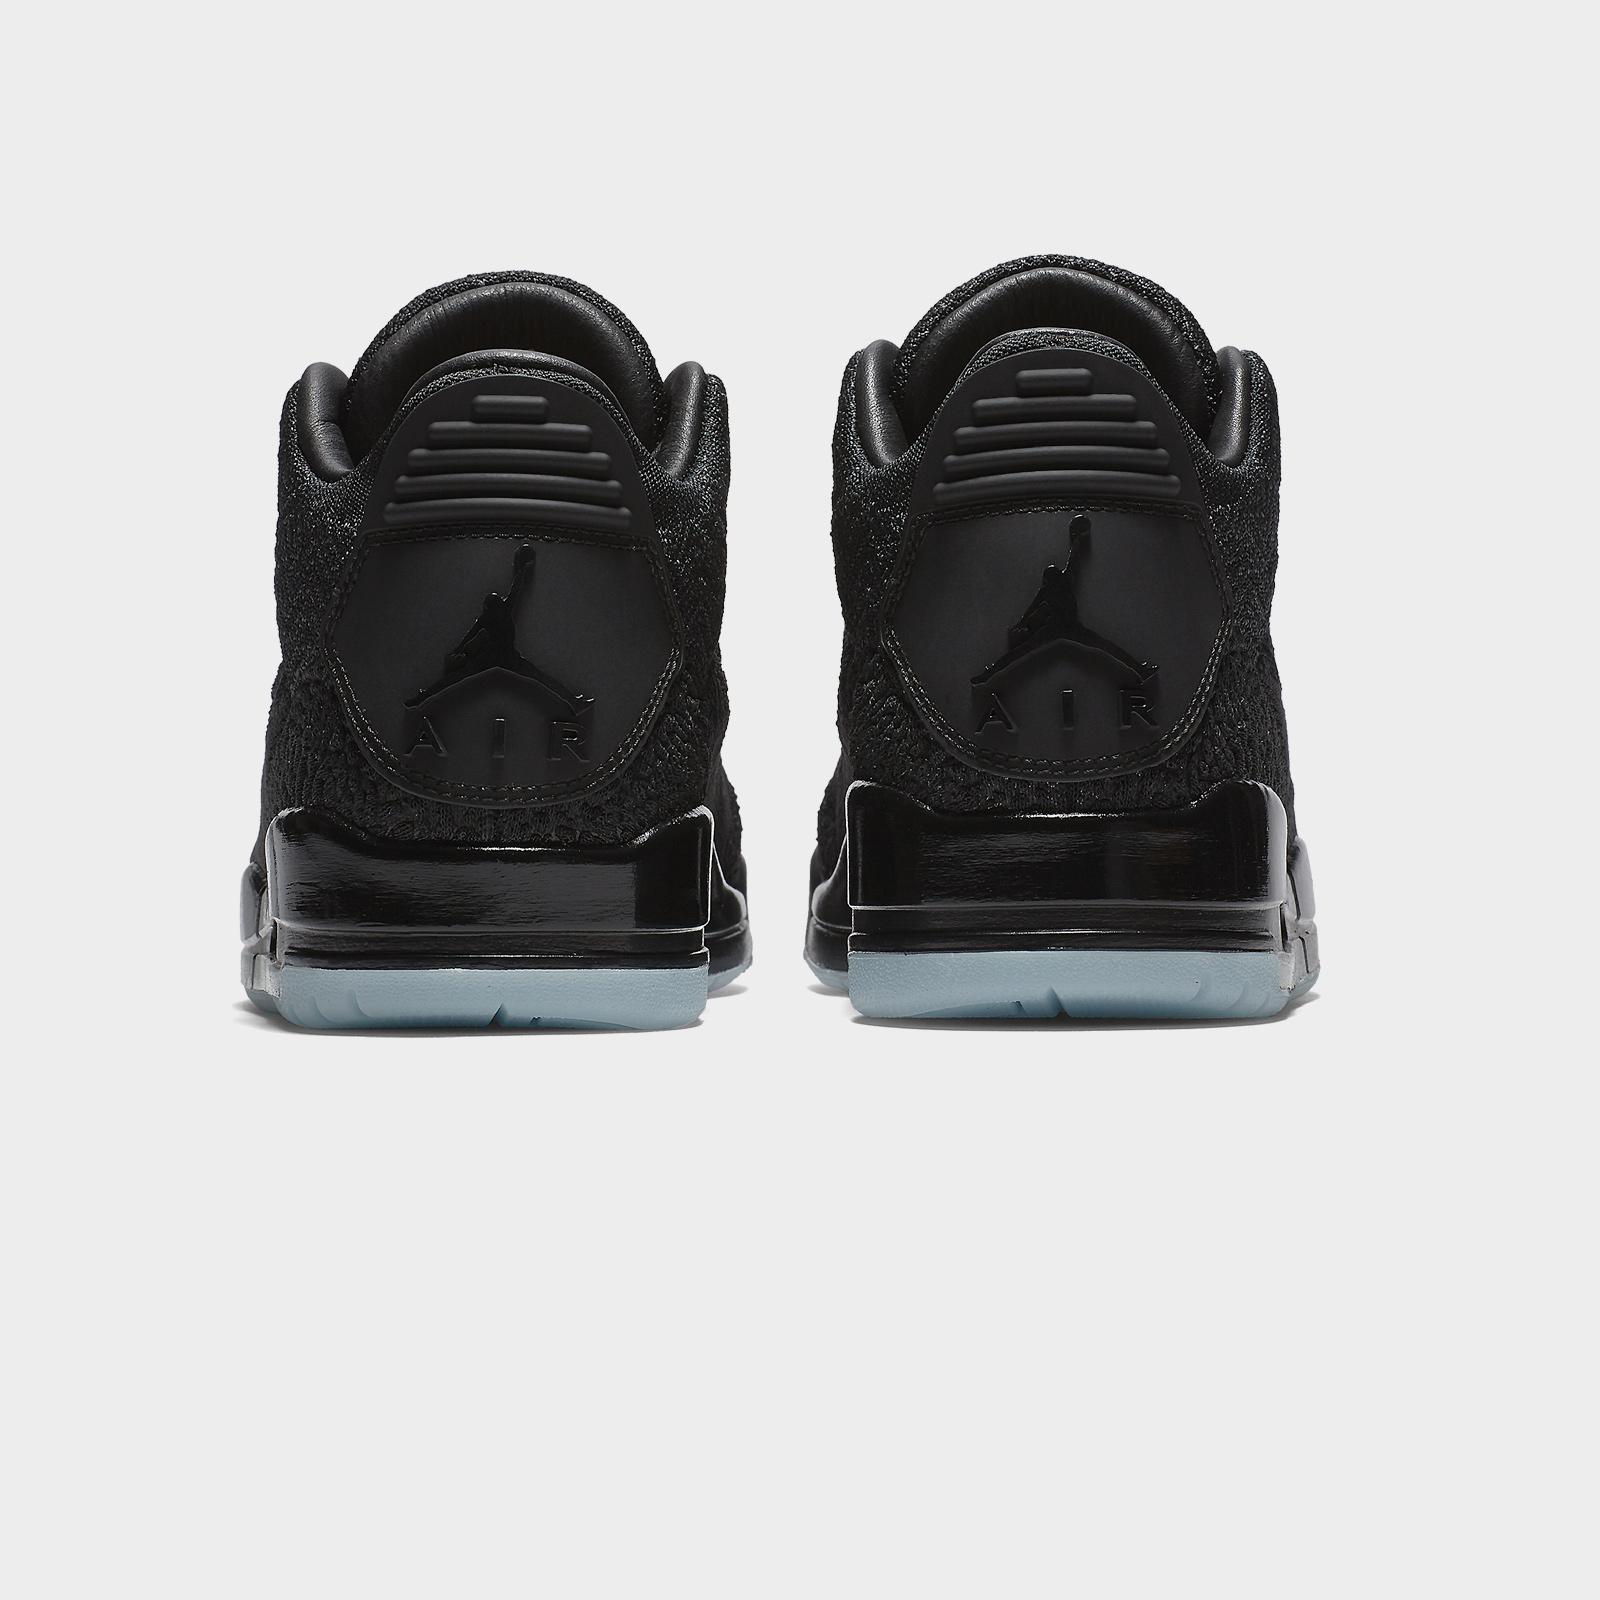 86280b1f1a08 Jordan Brand Air Jordan 3 Retro Flyknit - Aq1005-001 - Sneakersnstuff